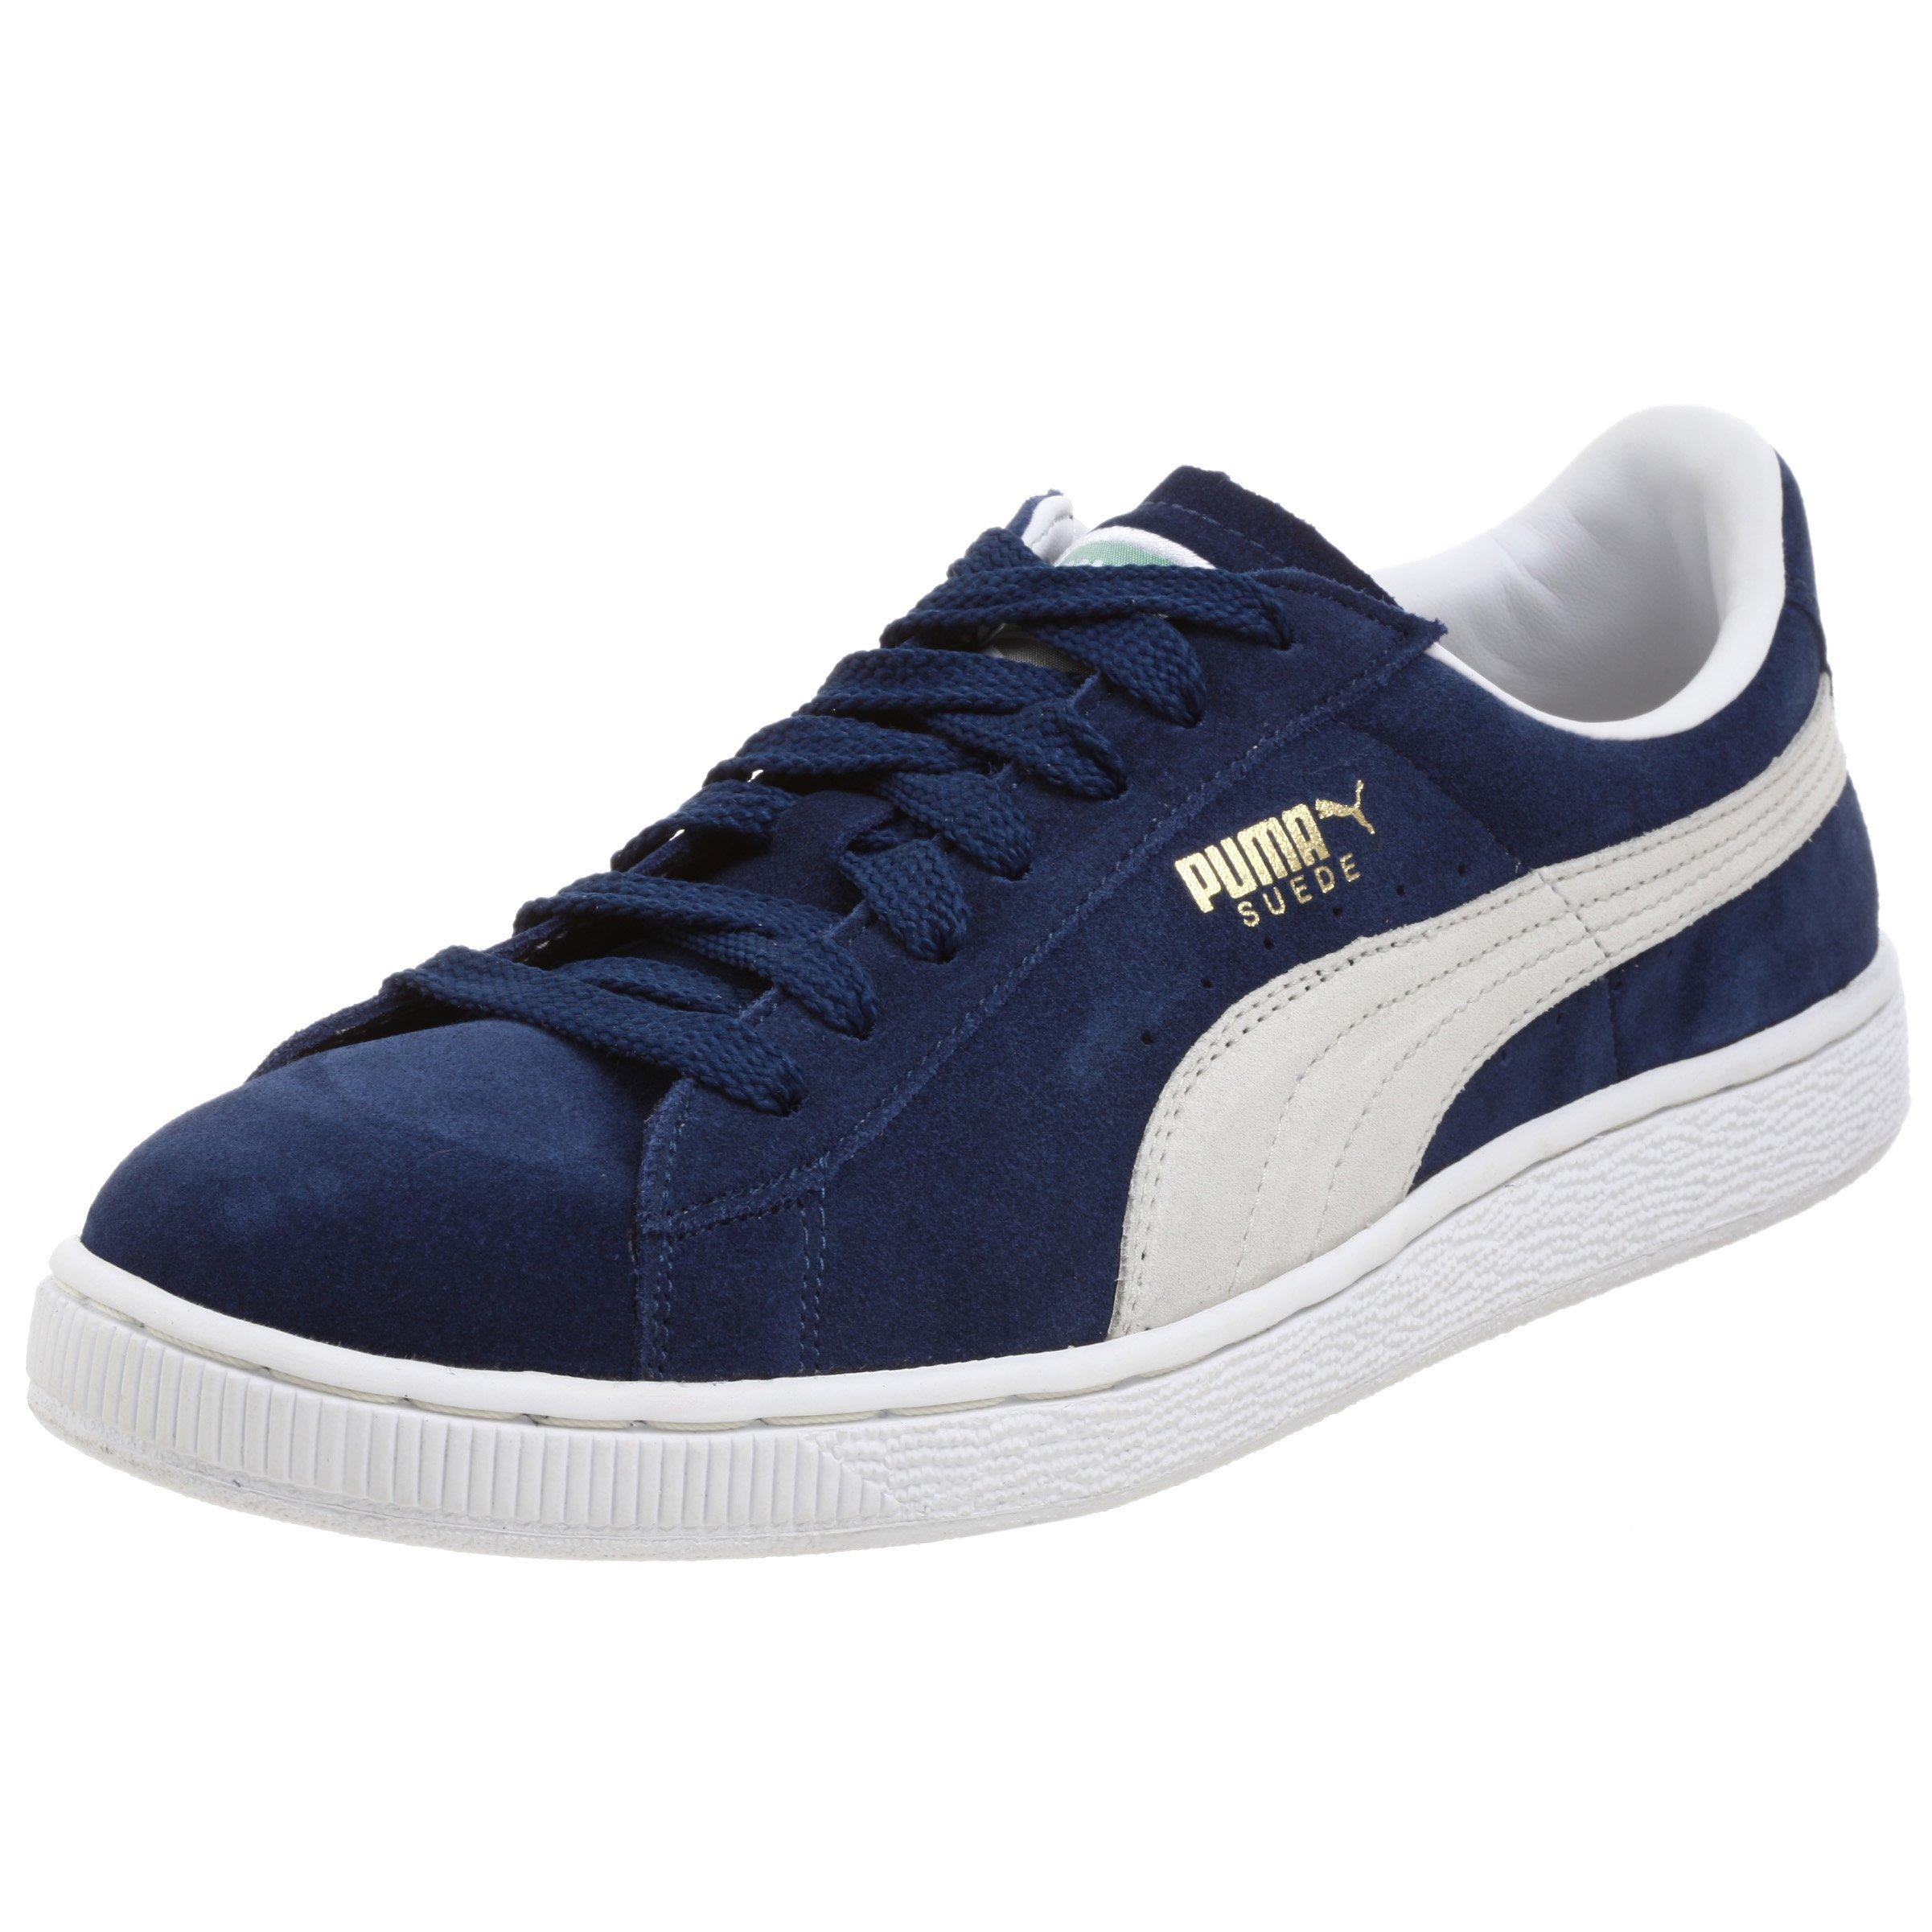 PUMA Suede Classic Sneaker,Blue/White,8 M US Men's